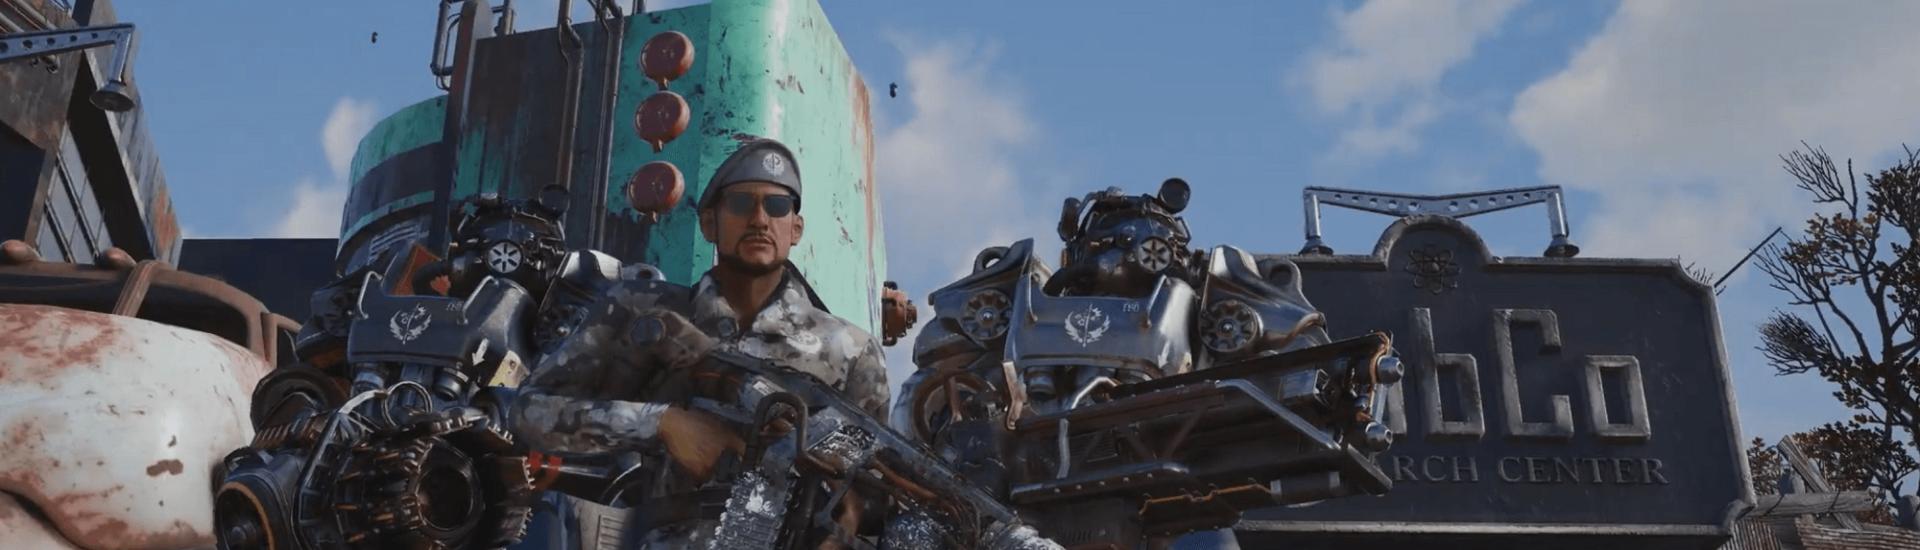 """Ad Victoriam! Die """"Stählerne Dämmerung"""" bricht in Fallout 76 an"""